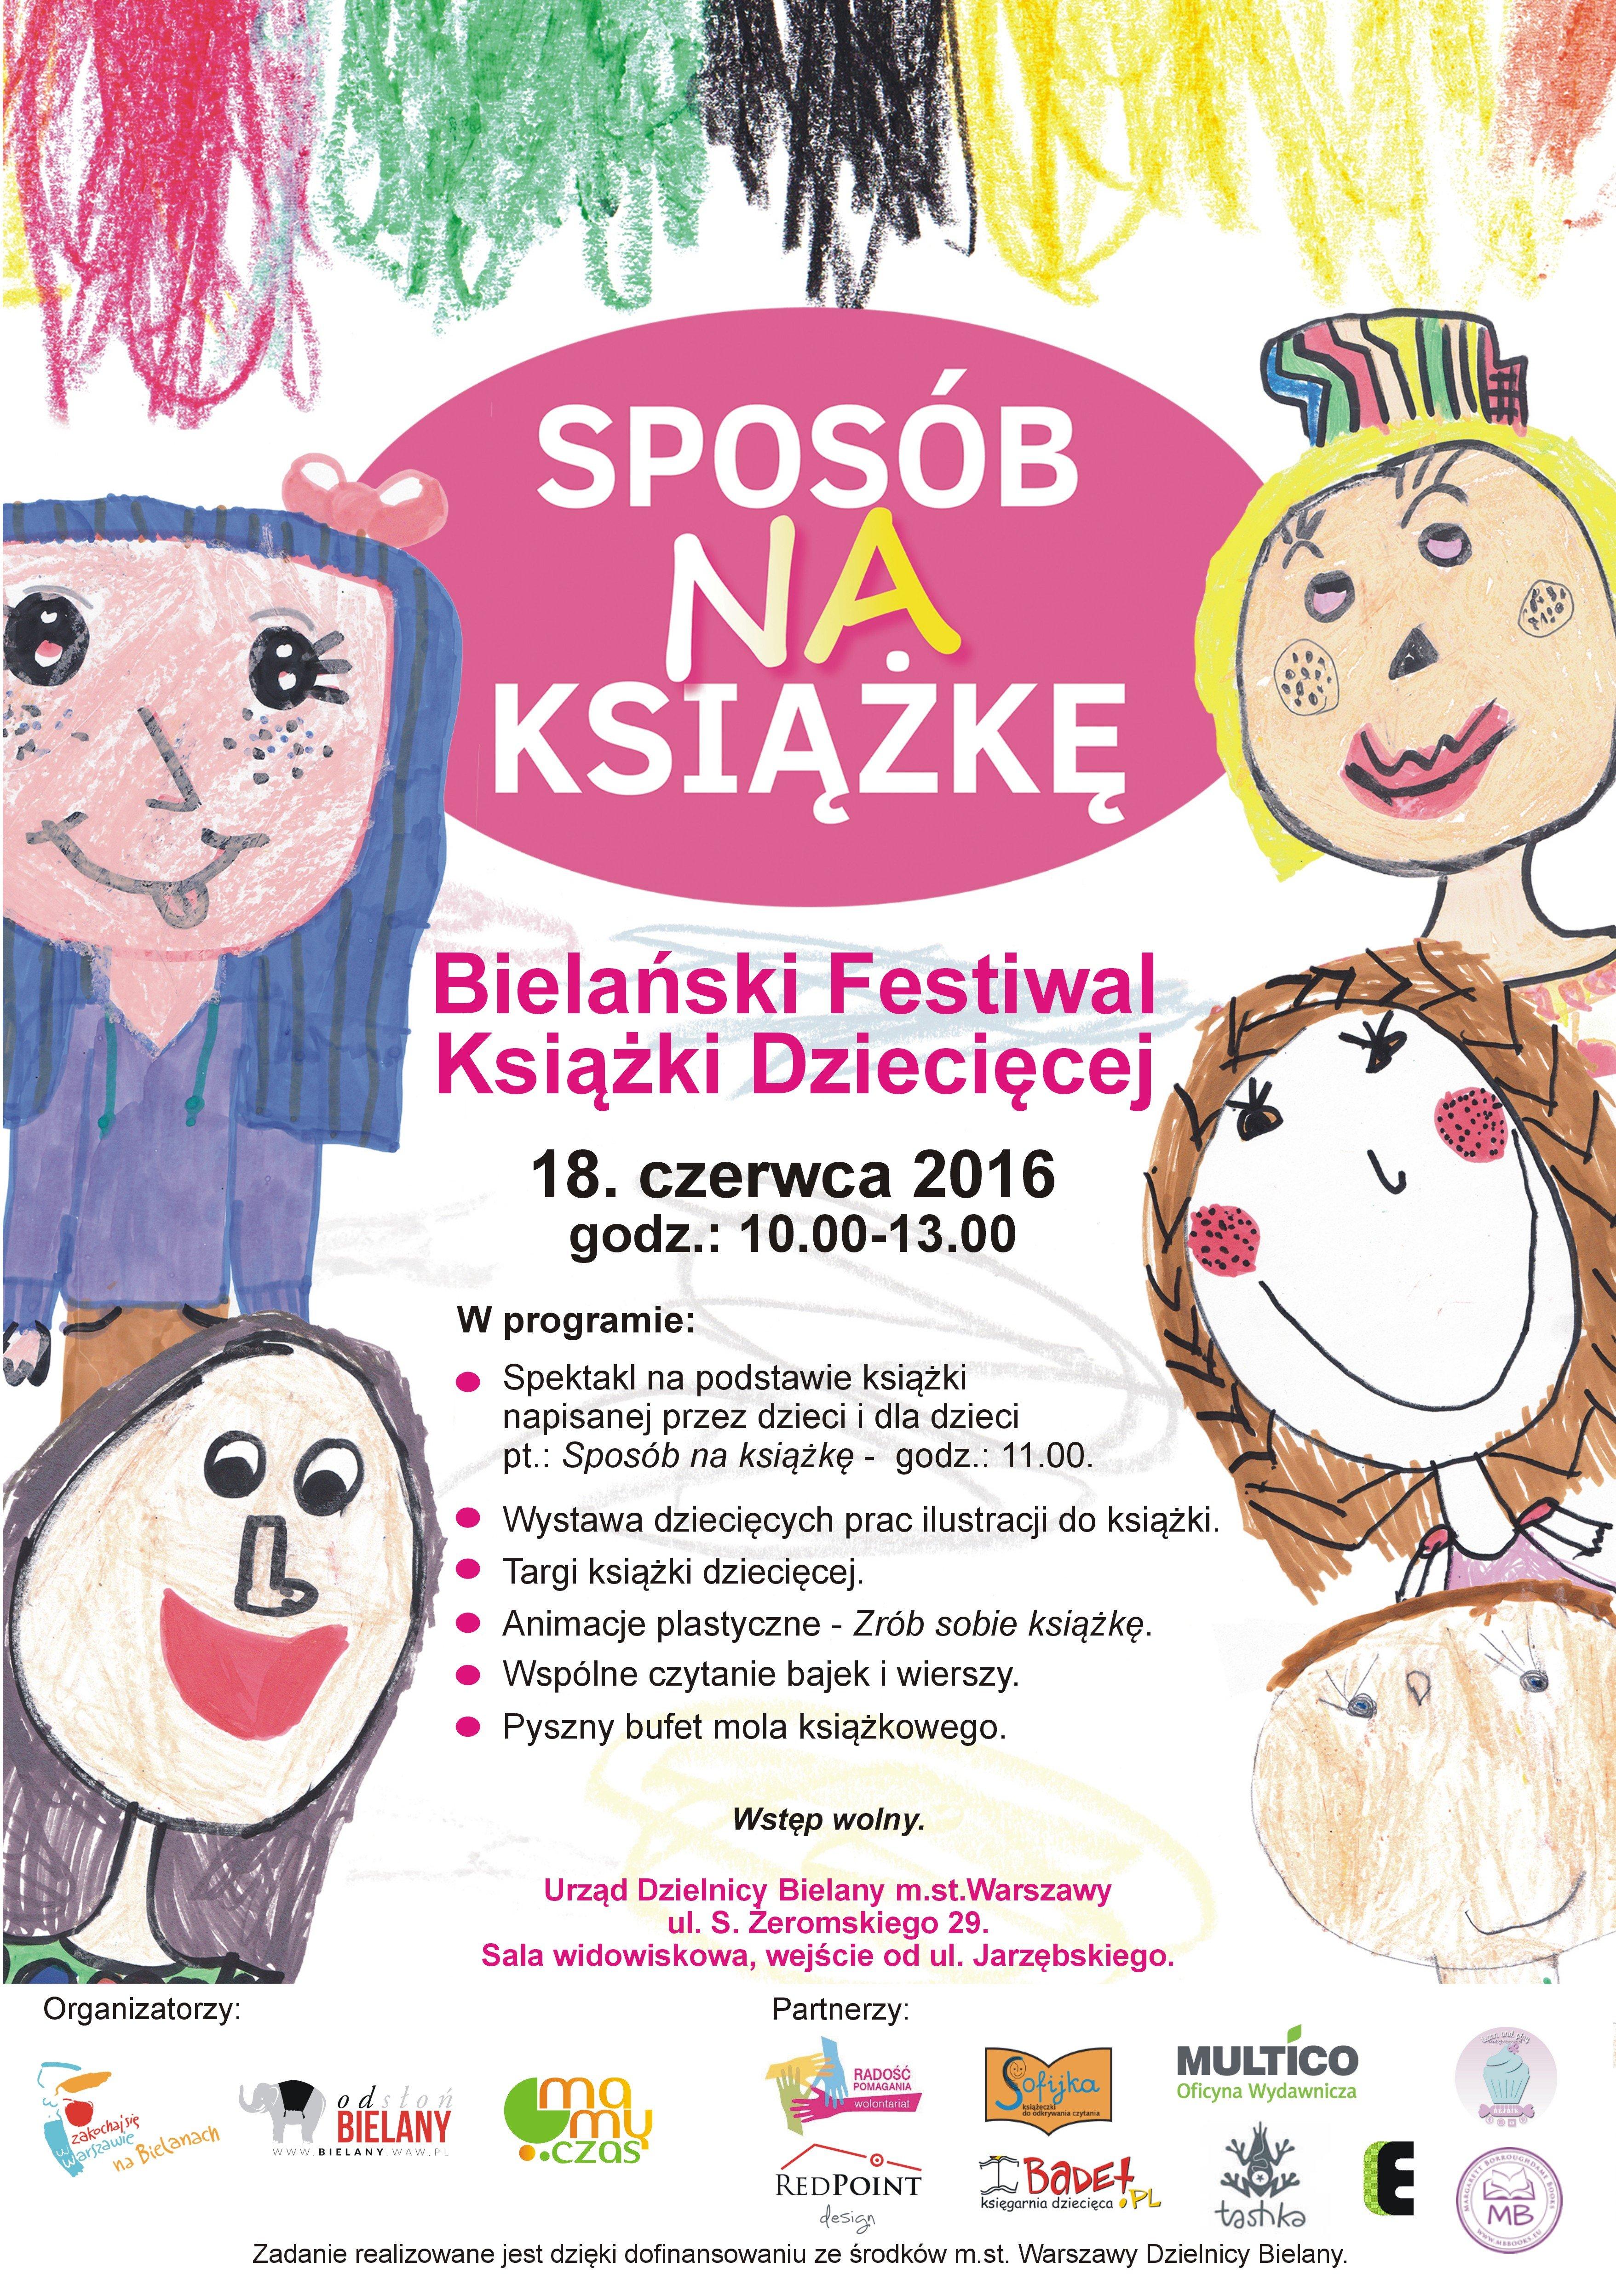 bielanski festiwal ksiązki dziecięcej